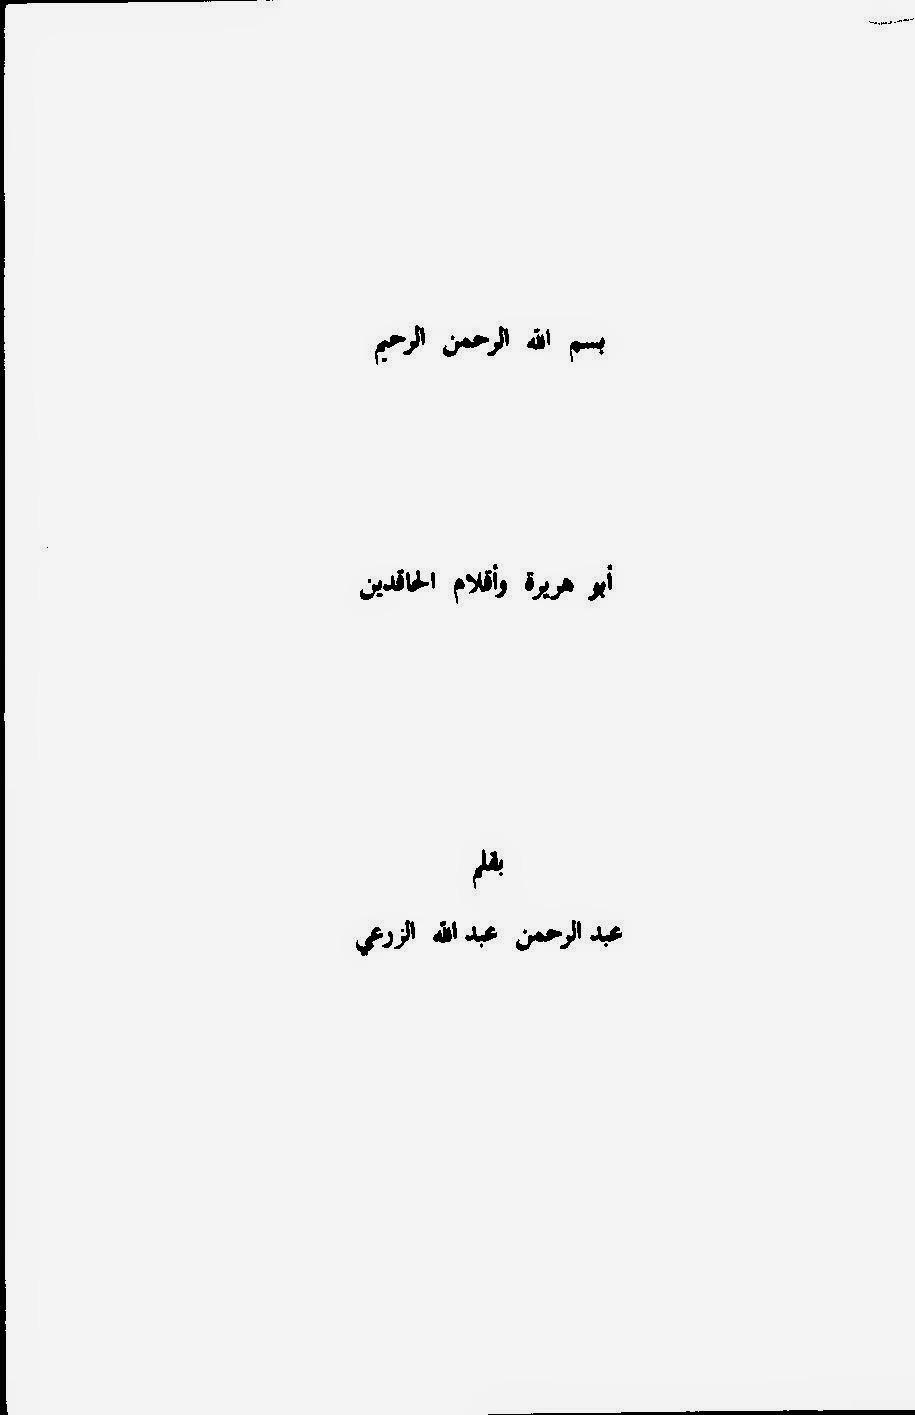 كتاب أبو هريرة وأقلام الحاقدين - عبدالرحمن عبدالله الزرعي